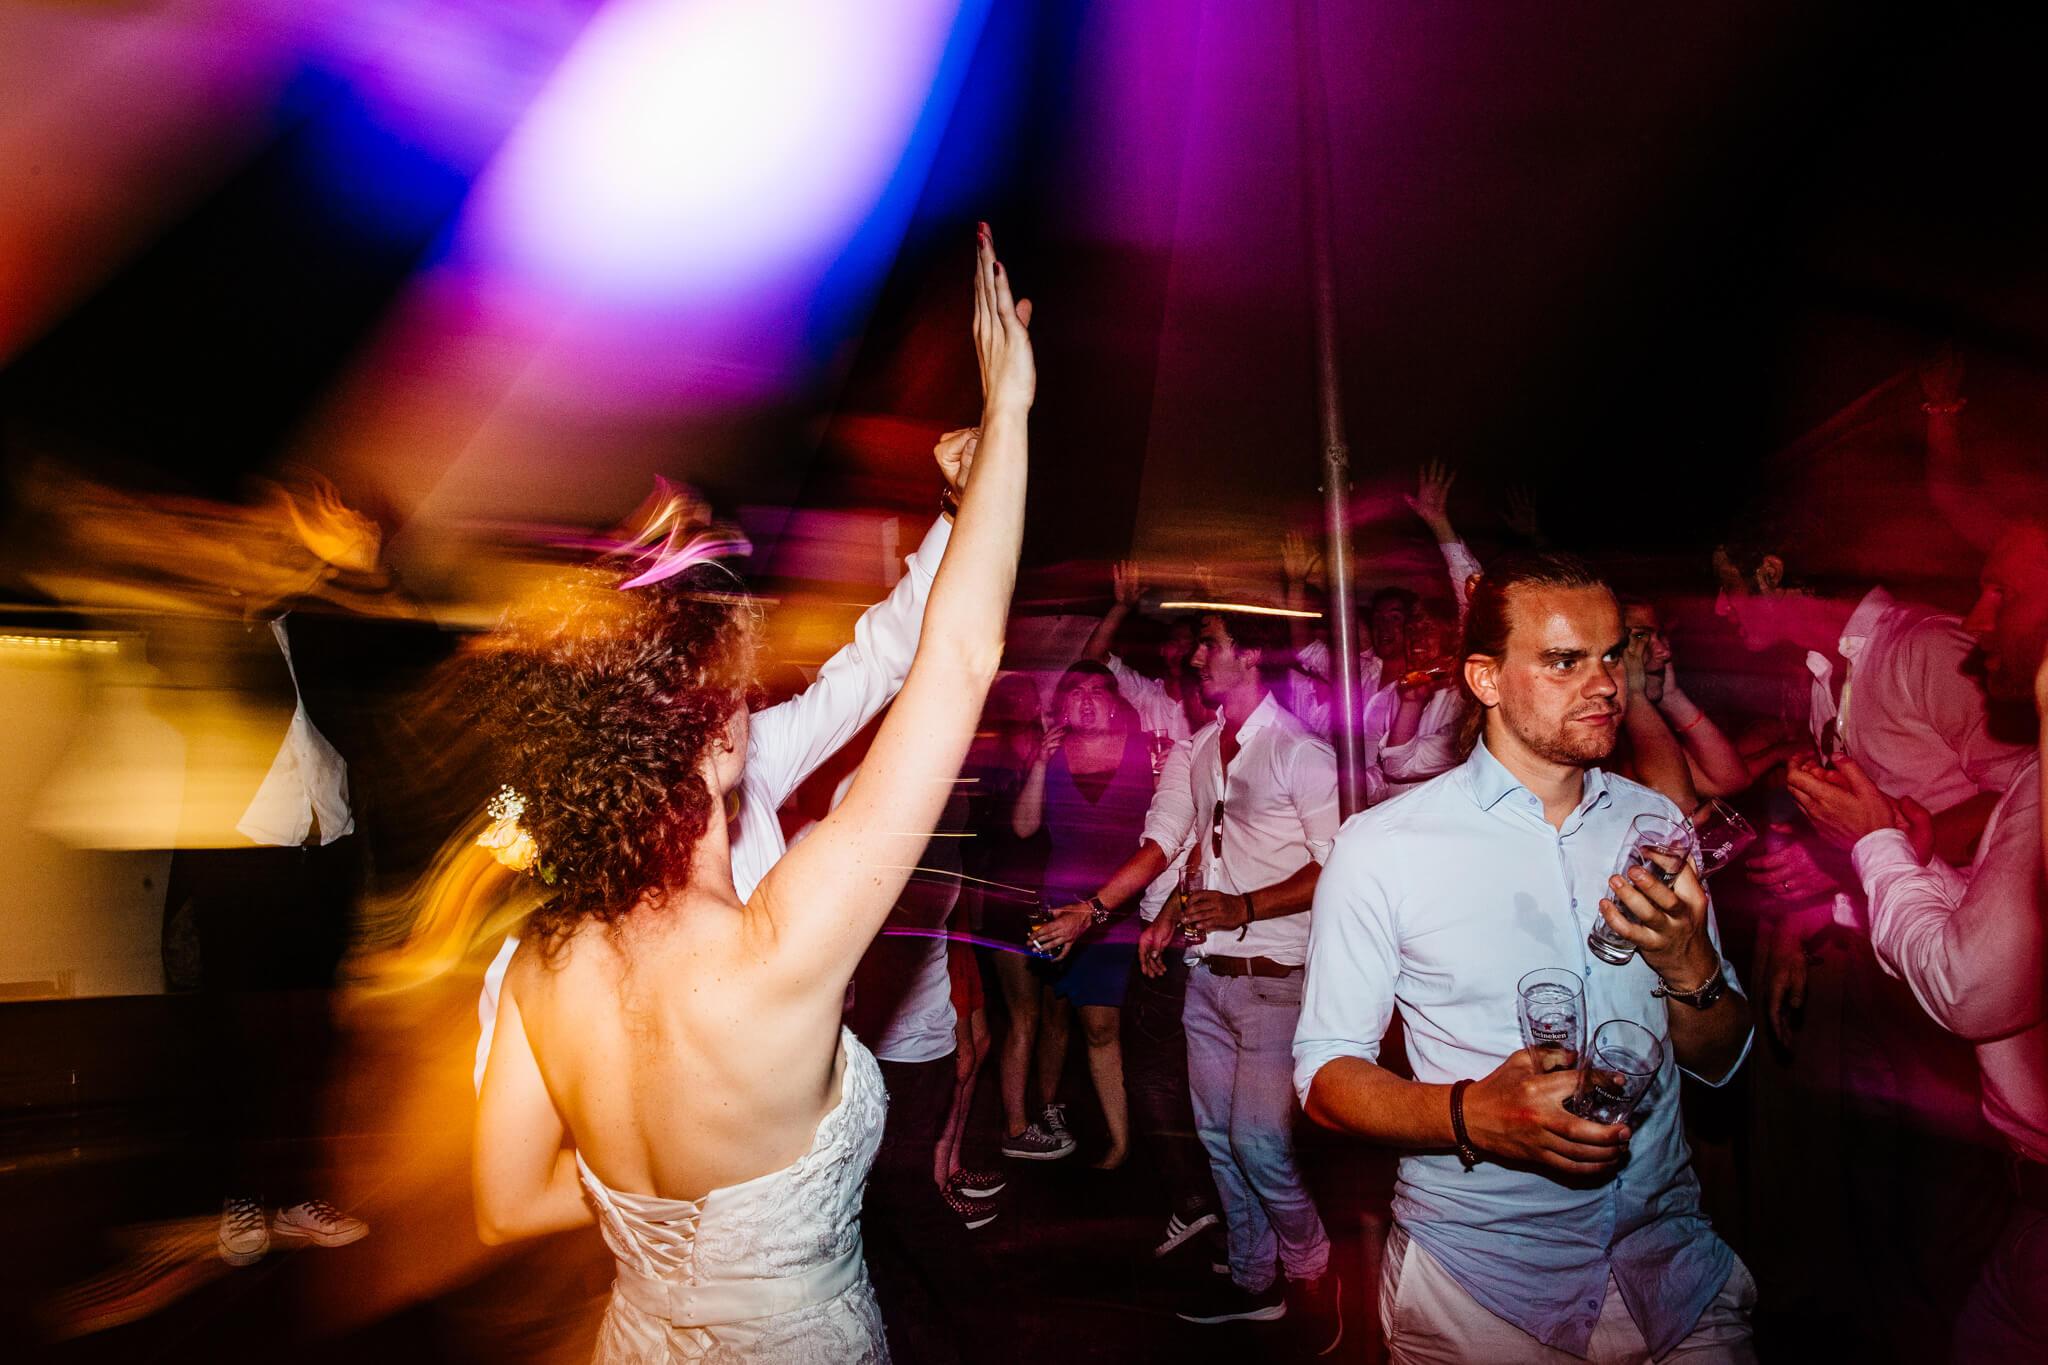 festivalbruiloft-bruidsfotograaf-utrecht-38.jpg